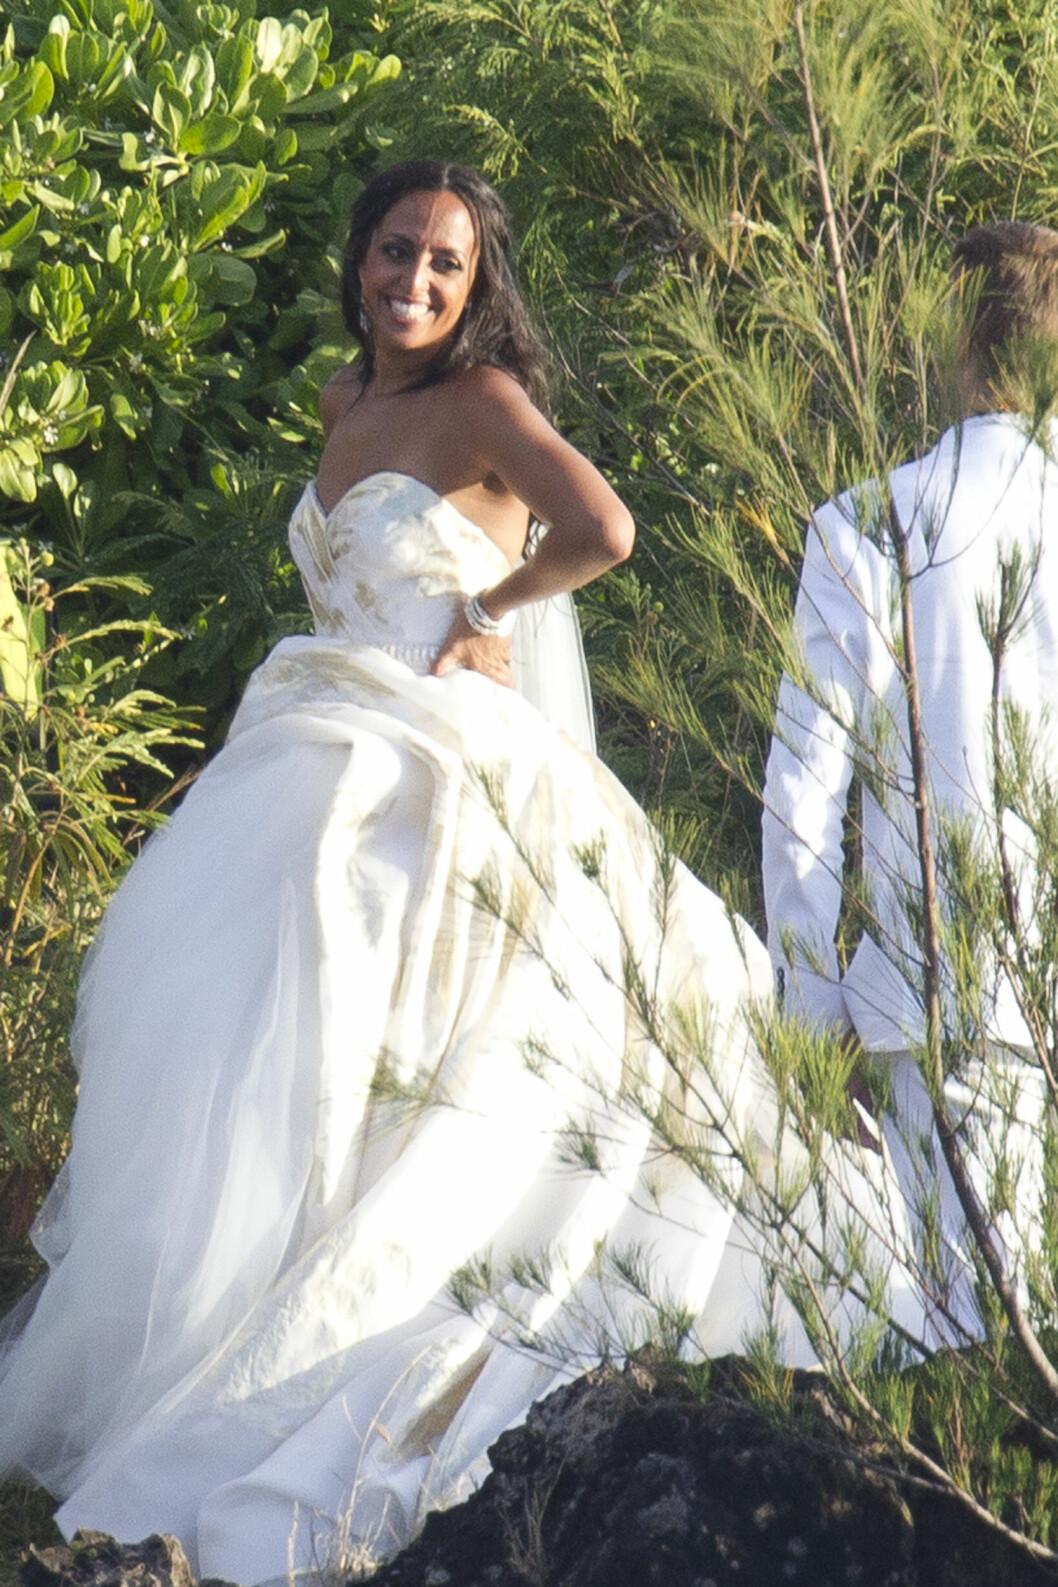 STORT SMIL: Bruden var i storslag på bryllupsdagen. Foto: Splash News